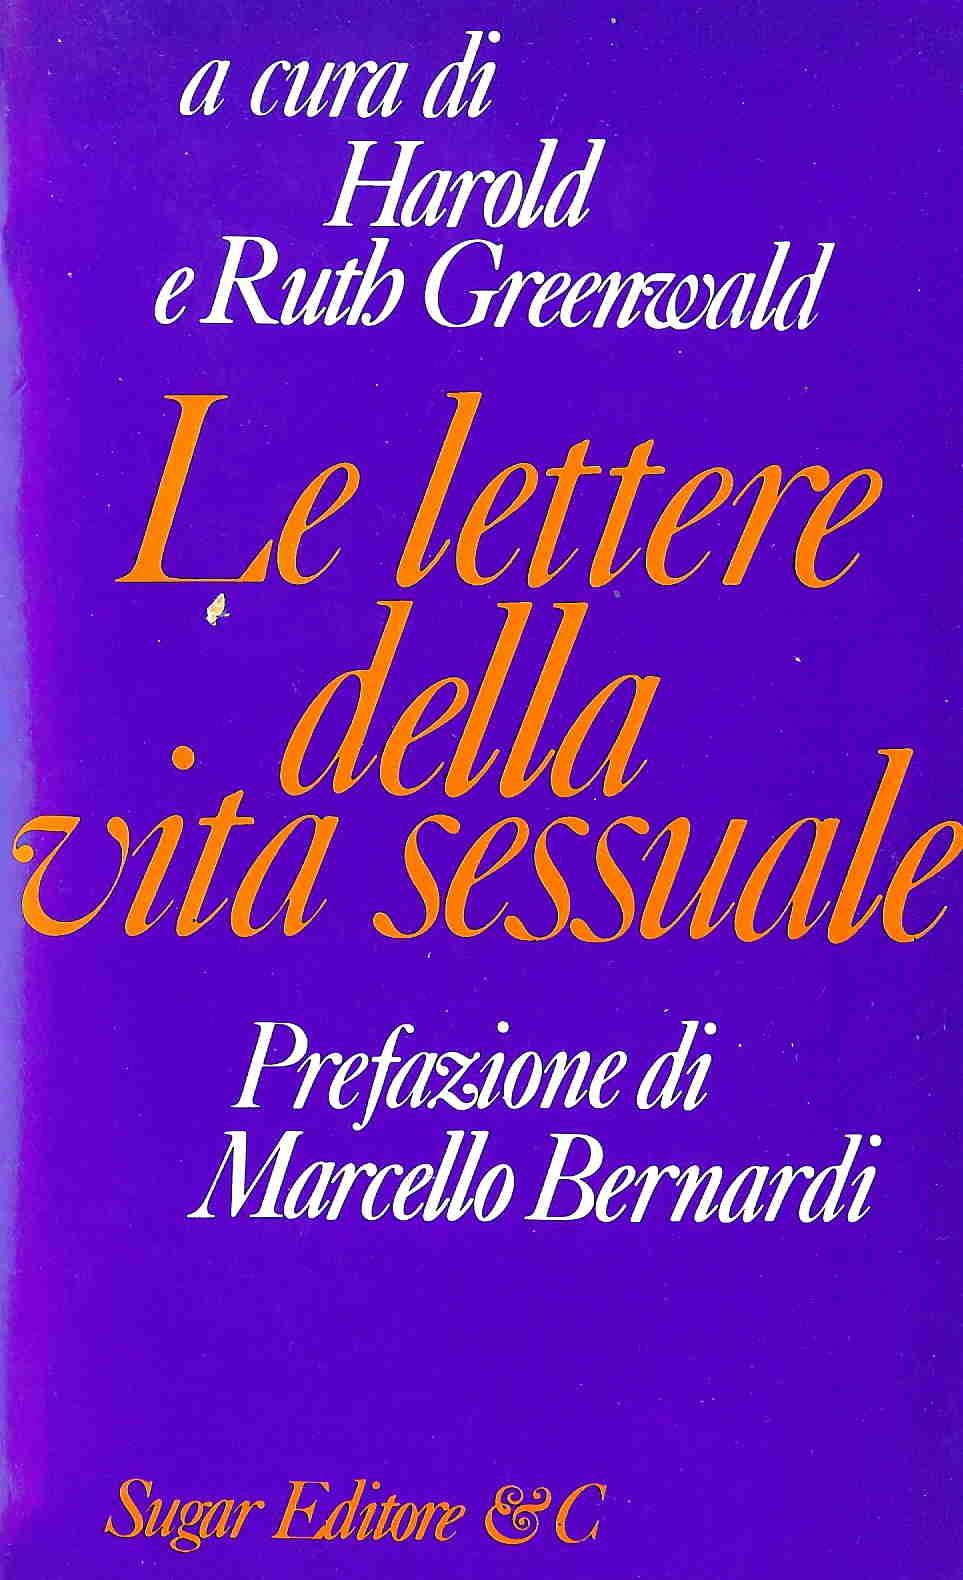 Le lettere della vita sessuale